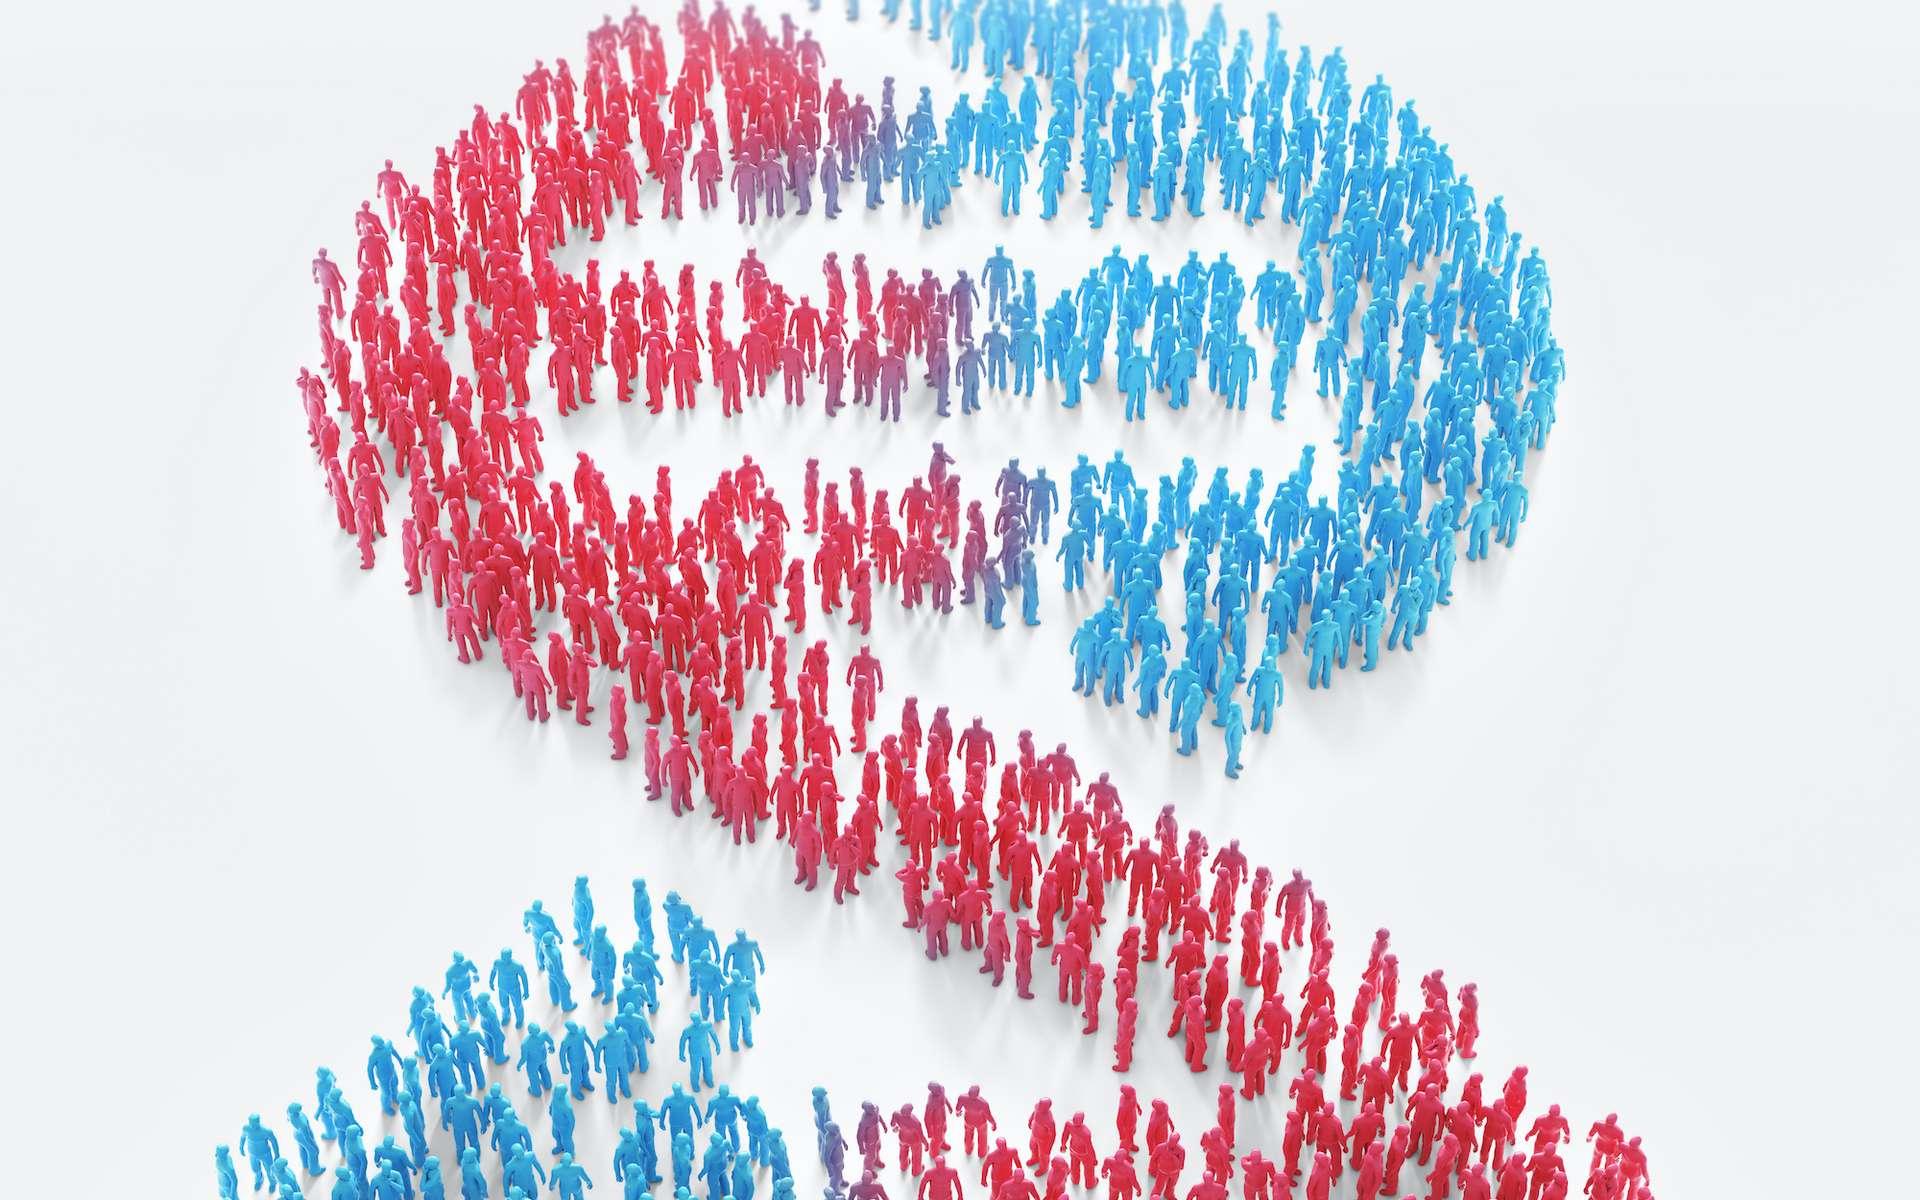 Une altération d'un ou plusieurs gènes peut conduire à une maladie génétique telle que la mucoviscidose, la trisomie 21, ou la myopathie. © Mopic, Adobe Stock